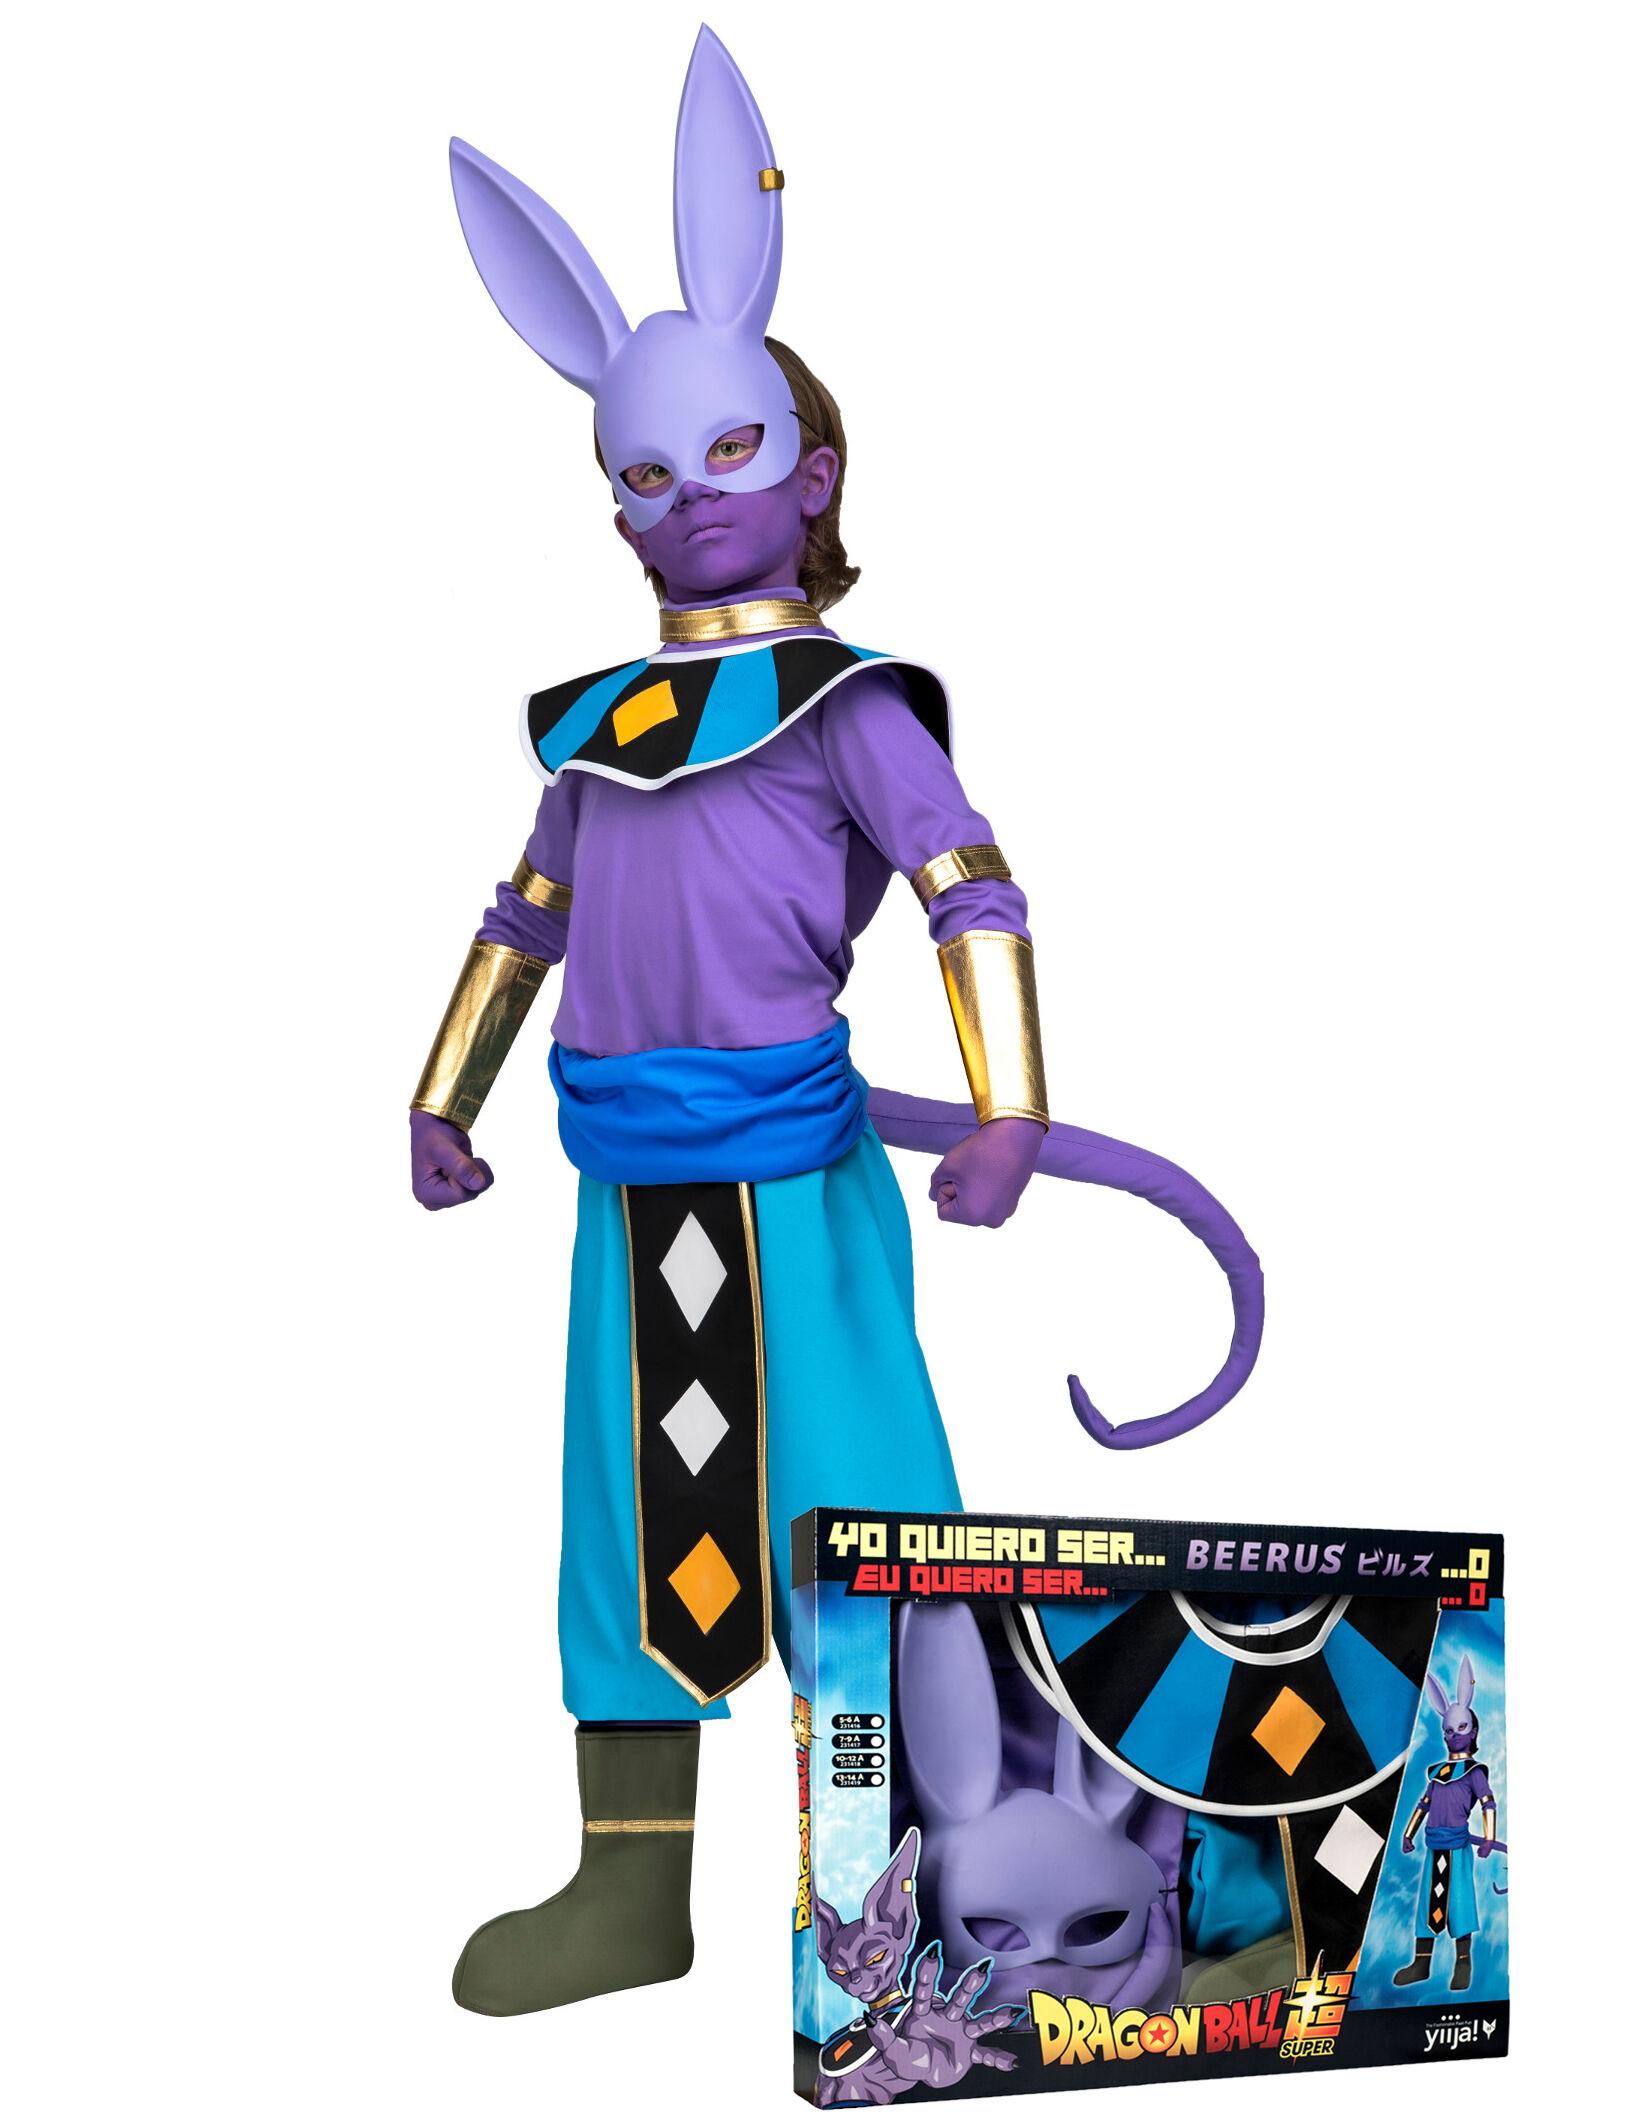 Deguisetoi Coffret déguisement avec masque Beerus Dragon Ball enfant - Taille: 7 - 9 ans (122 - 134 cm)